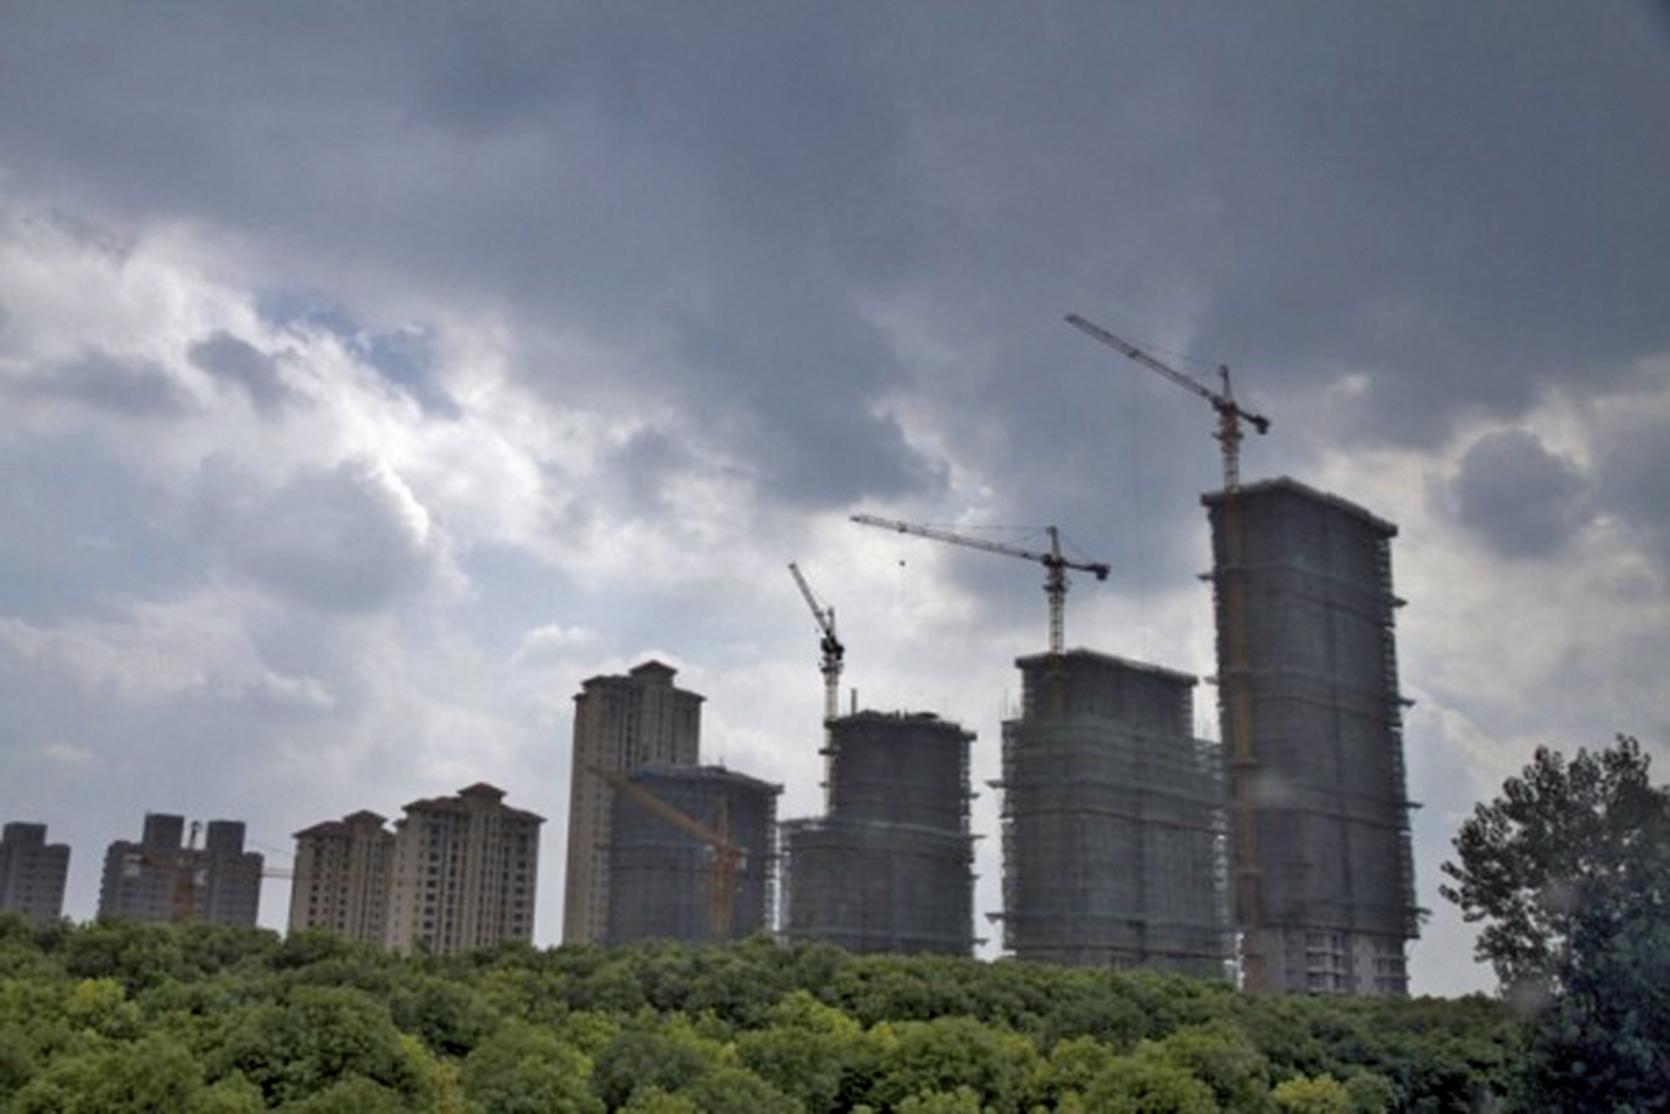 南京樓市從火爆回歸冷清,10月日均成交量與9月相比,暴跌逾50%。(大紀元資料室)